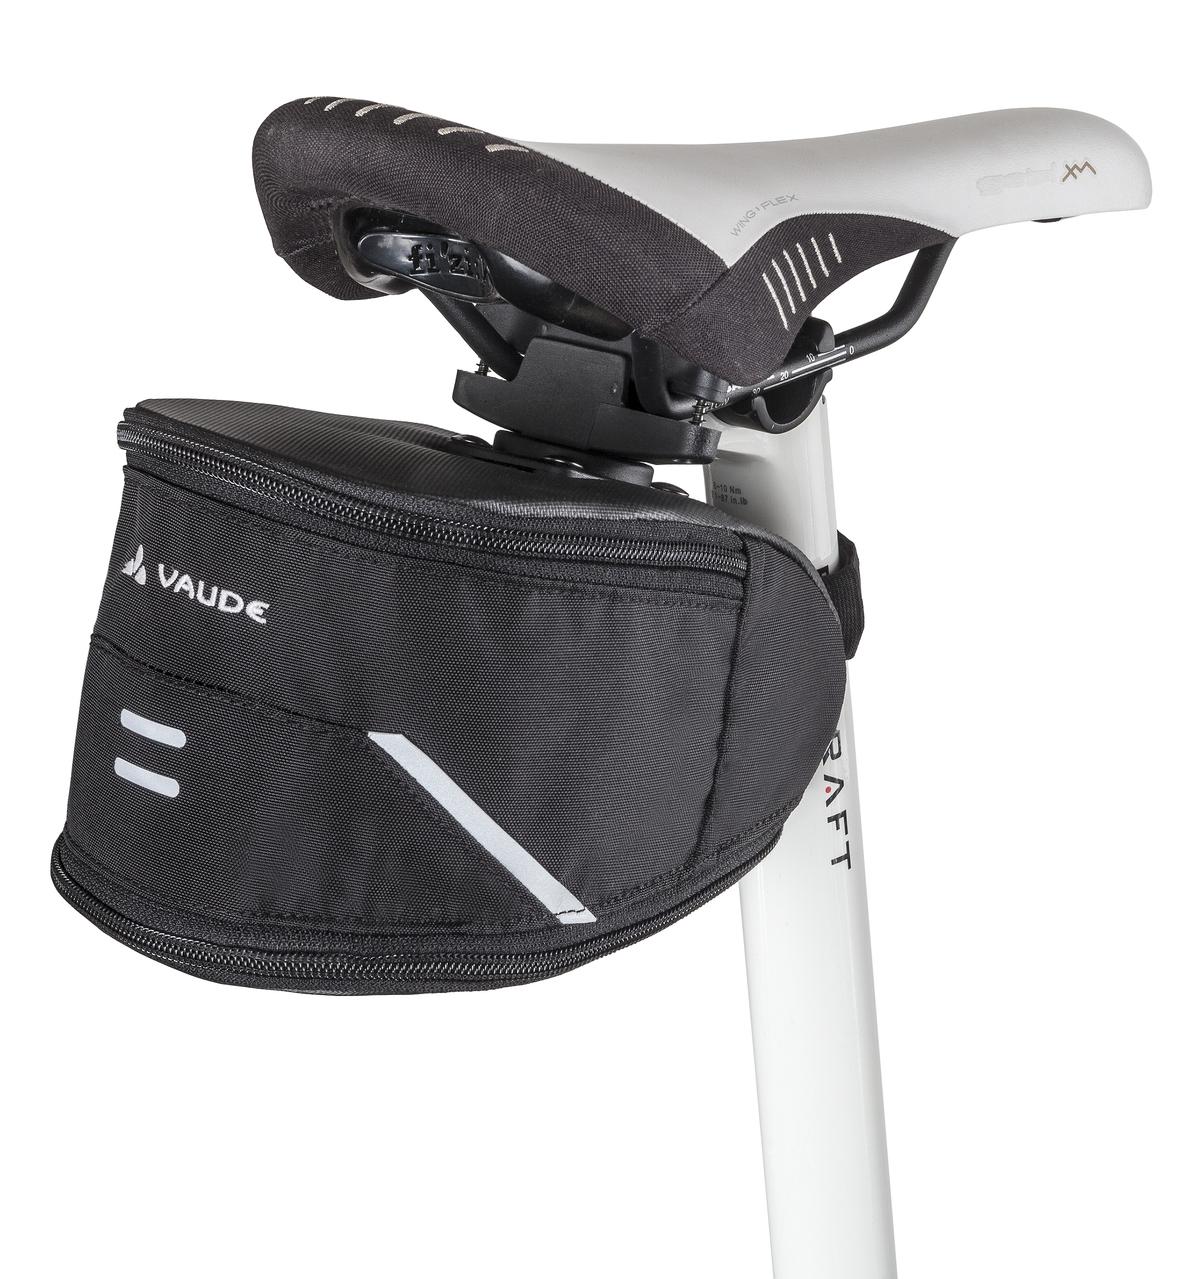 VAUDE Tool XL black  - Total Normal Bikes - Onlineshop und E-Bike Fahrradgeschäft in St.Ingbert im Saarland